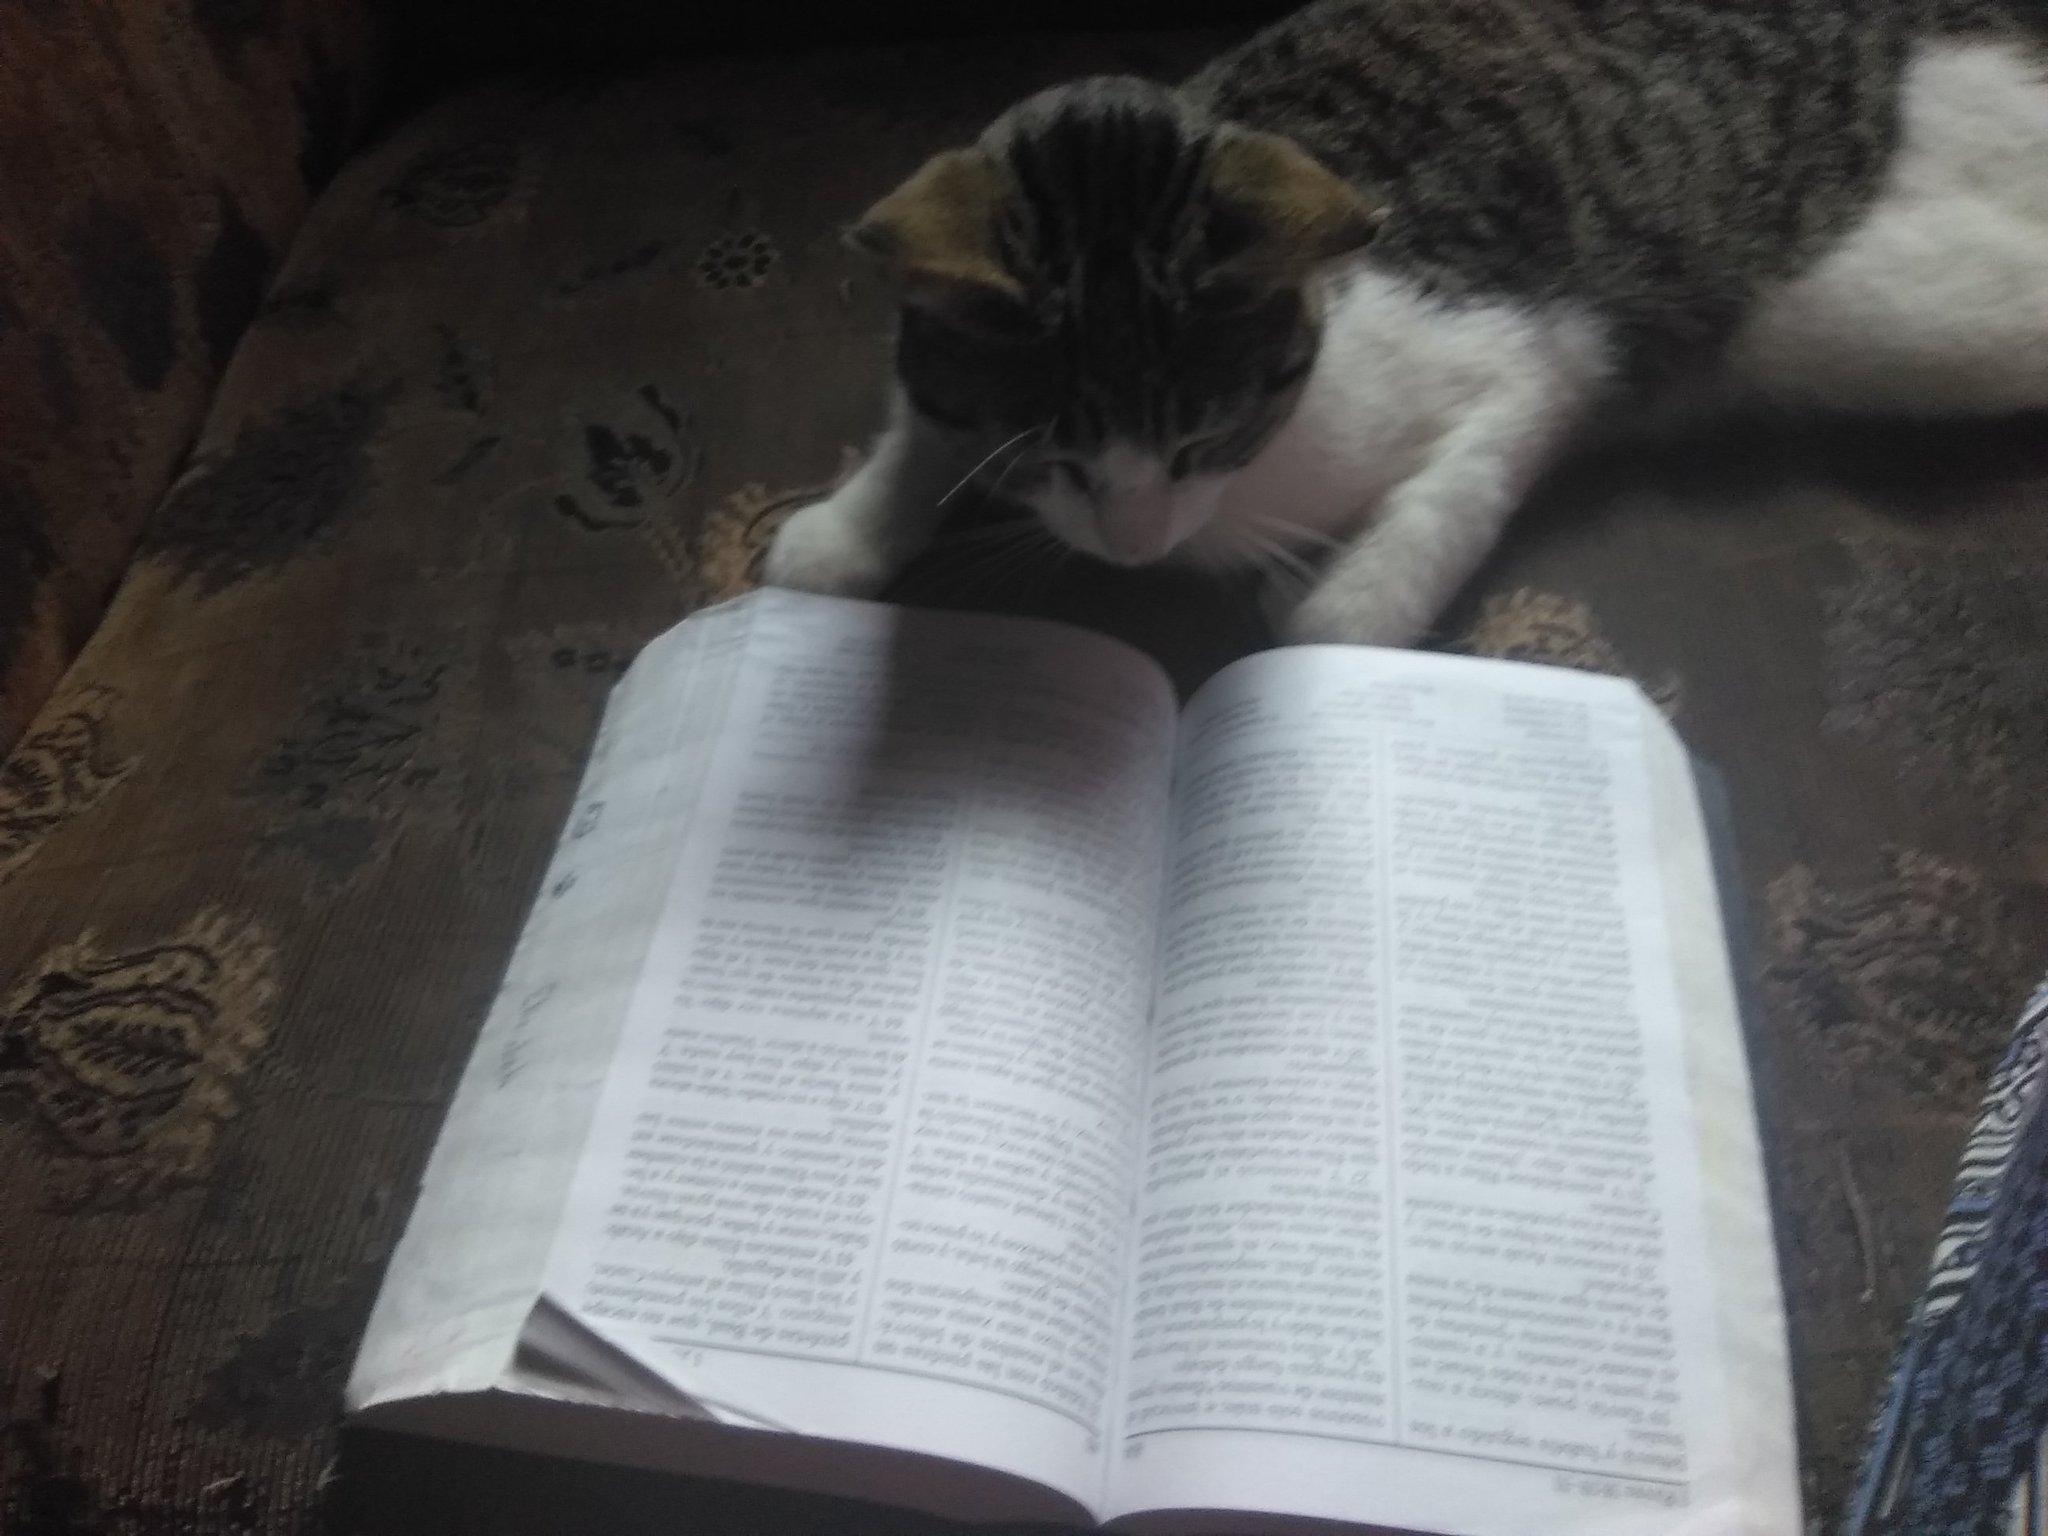 Gato Leyendo la Biblia - meme